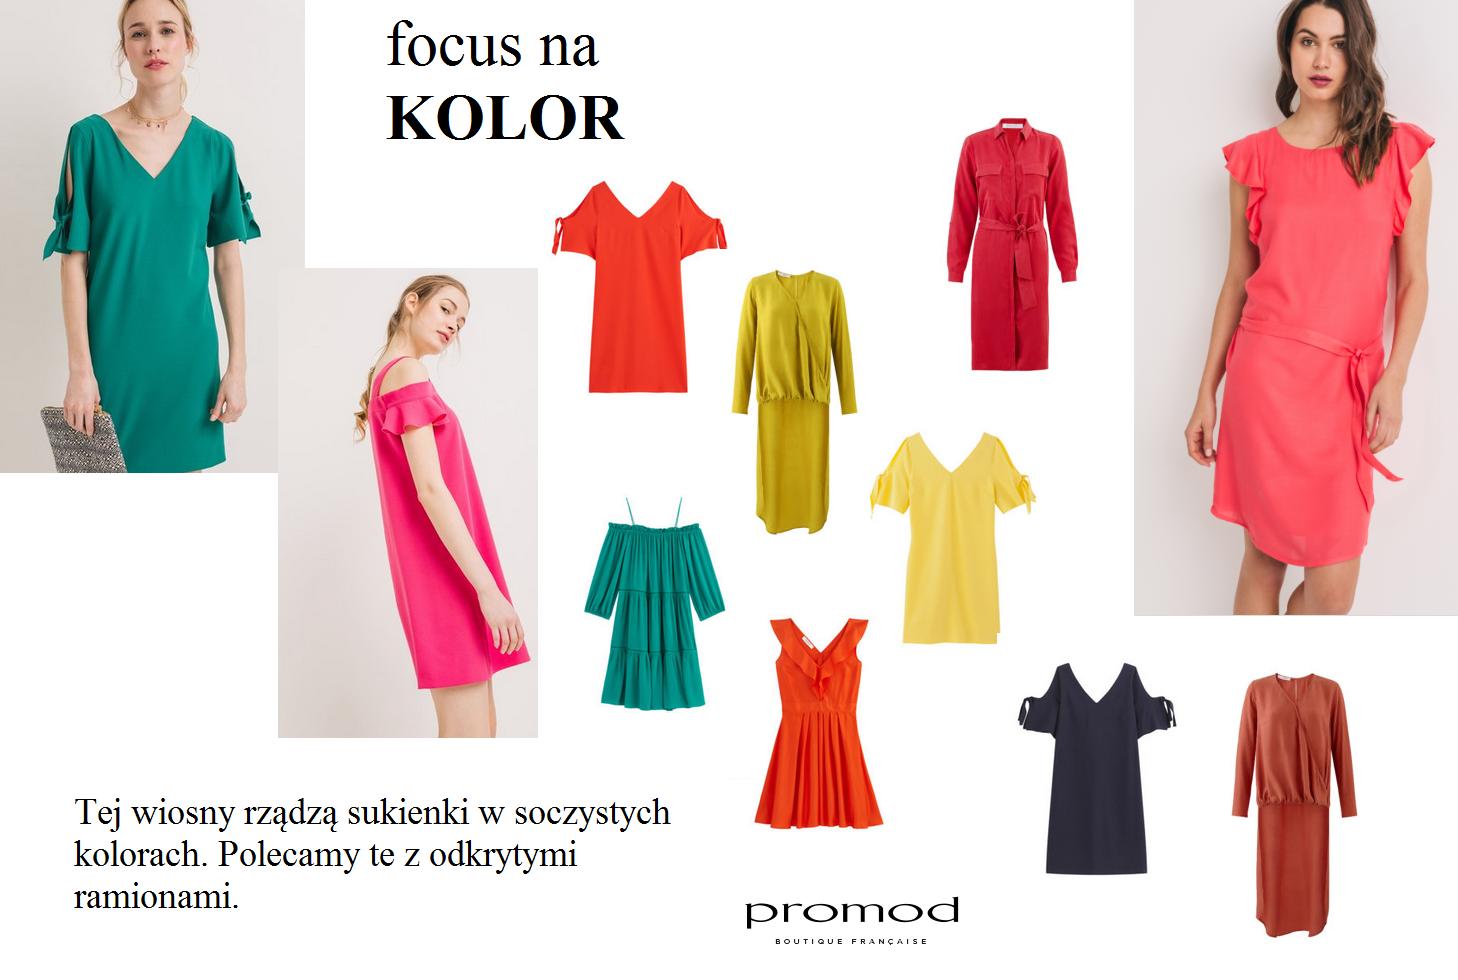 Focus na kolor